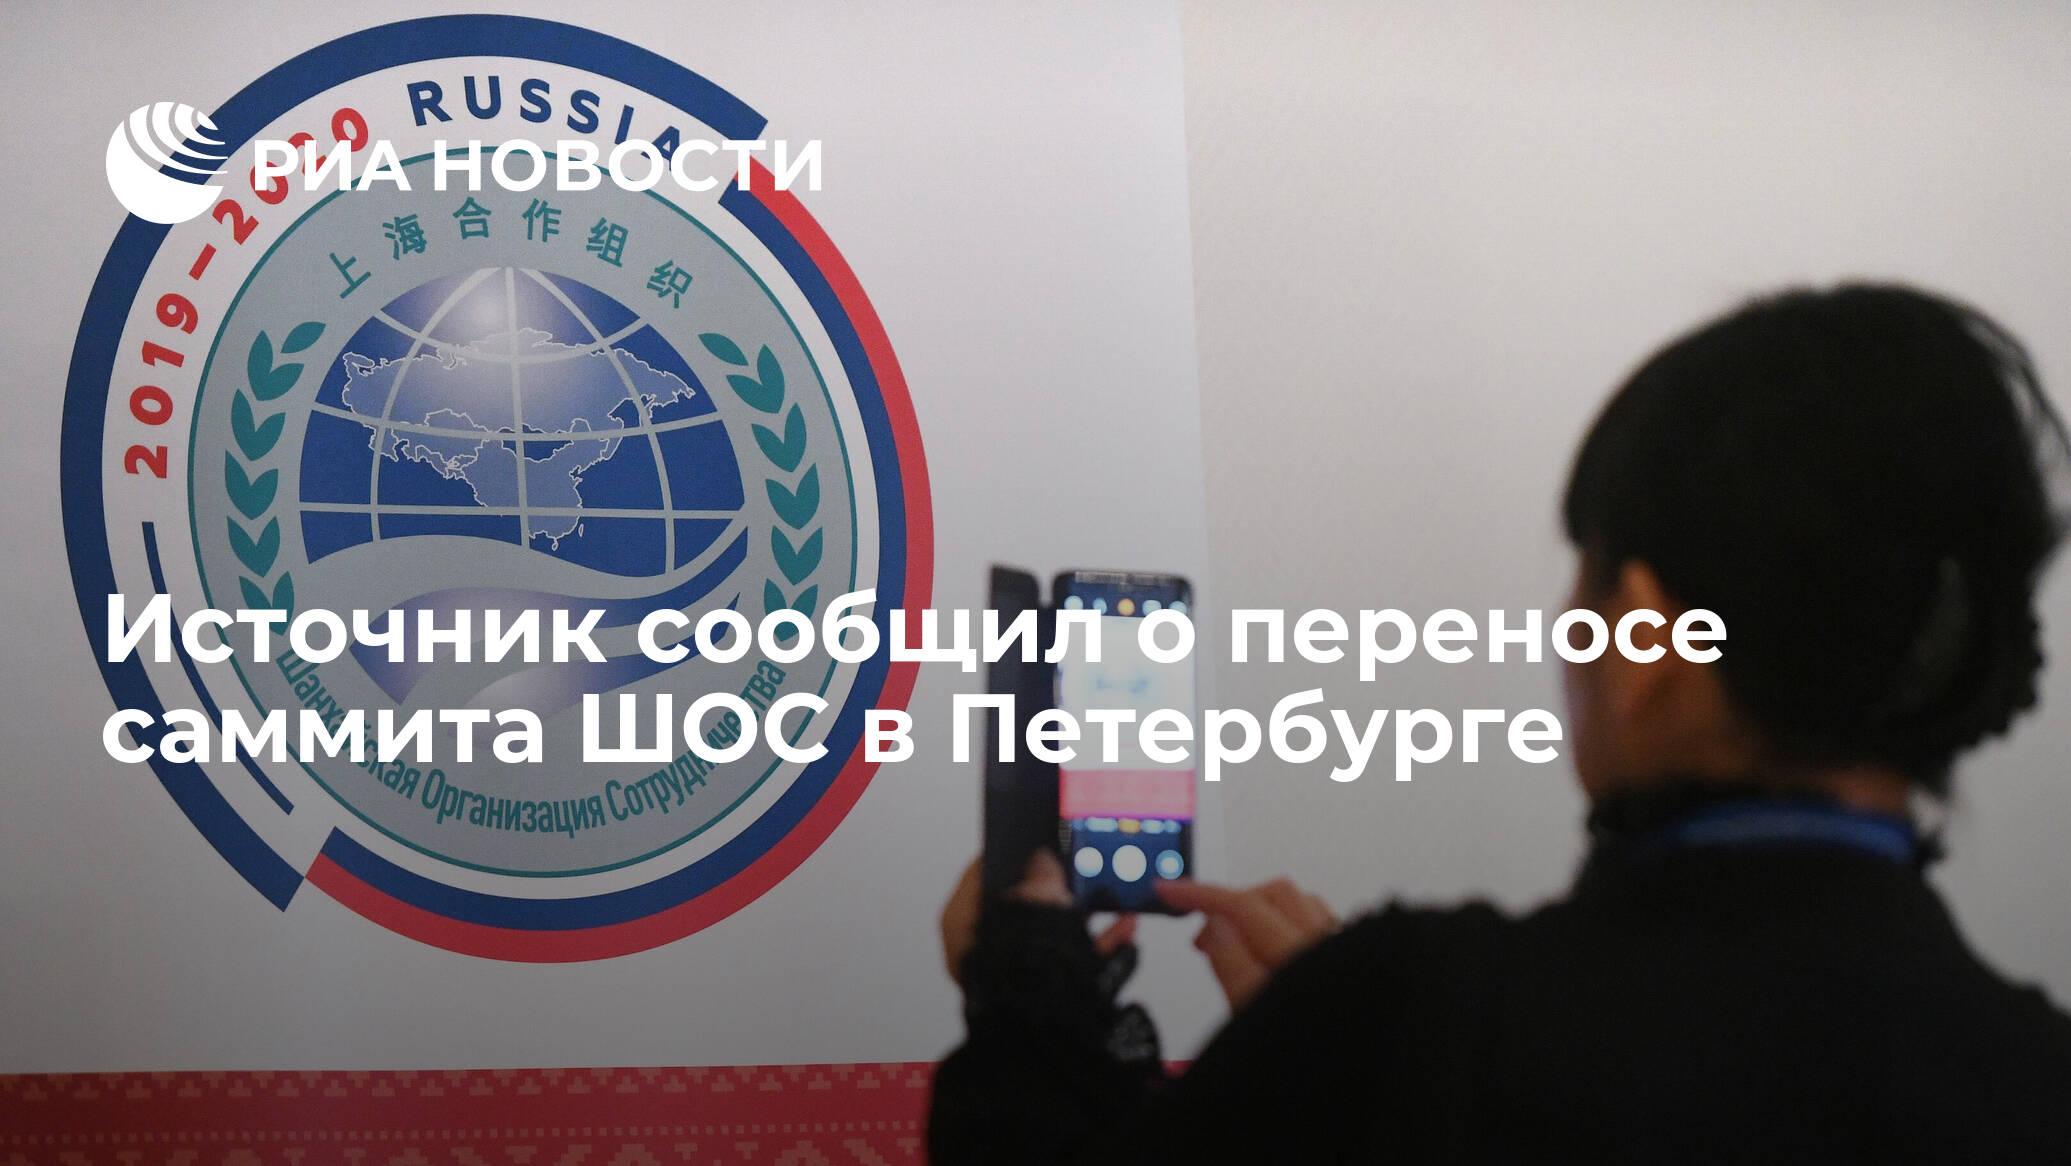 Источник сообщил о переносе саммита ШОС в Петербурге - РИА НОВОСТИ